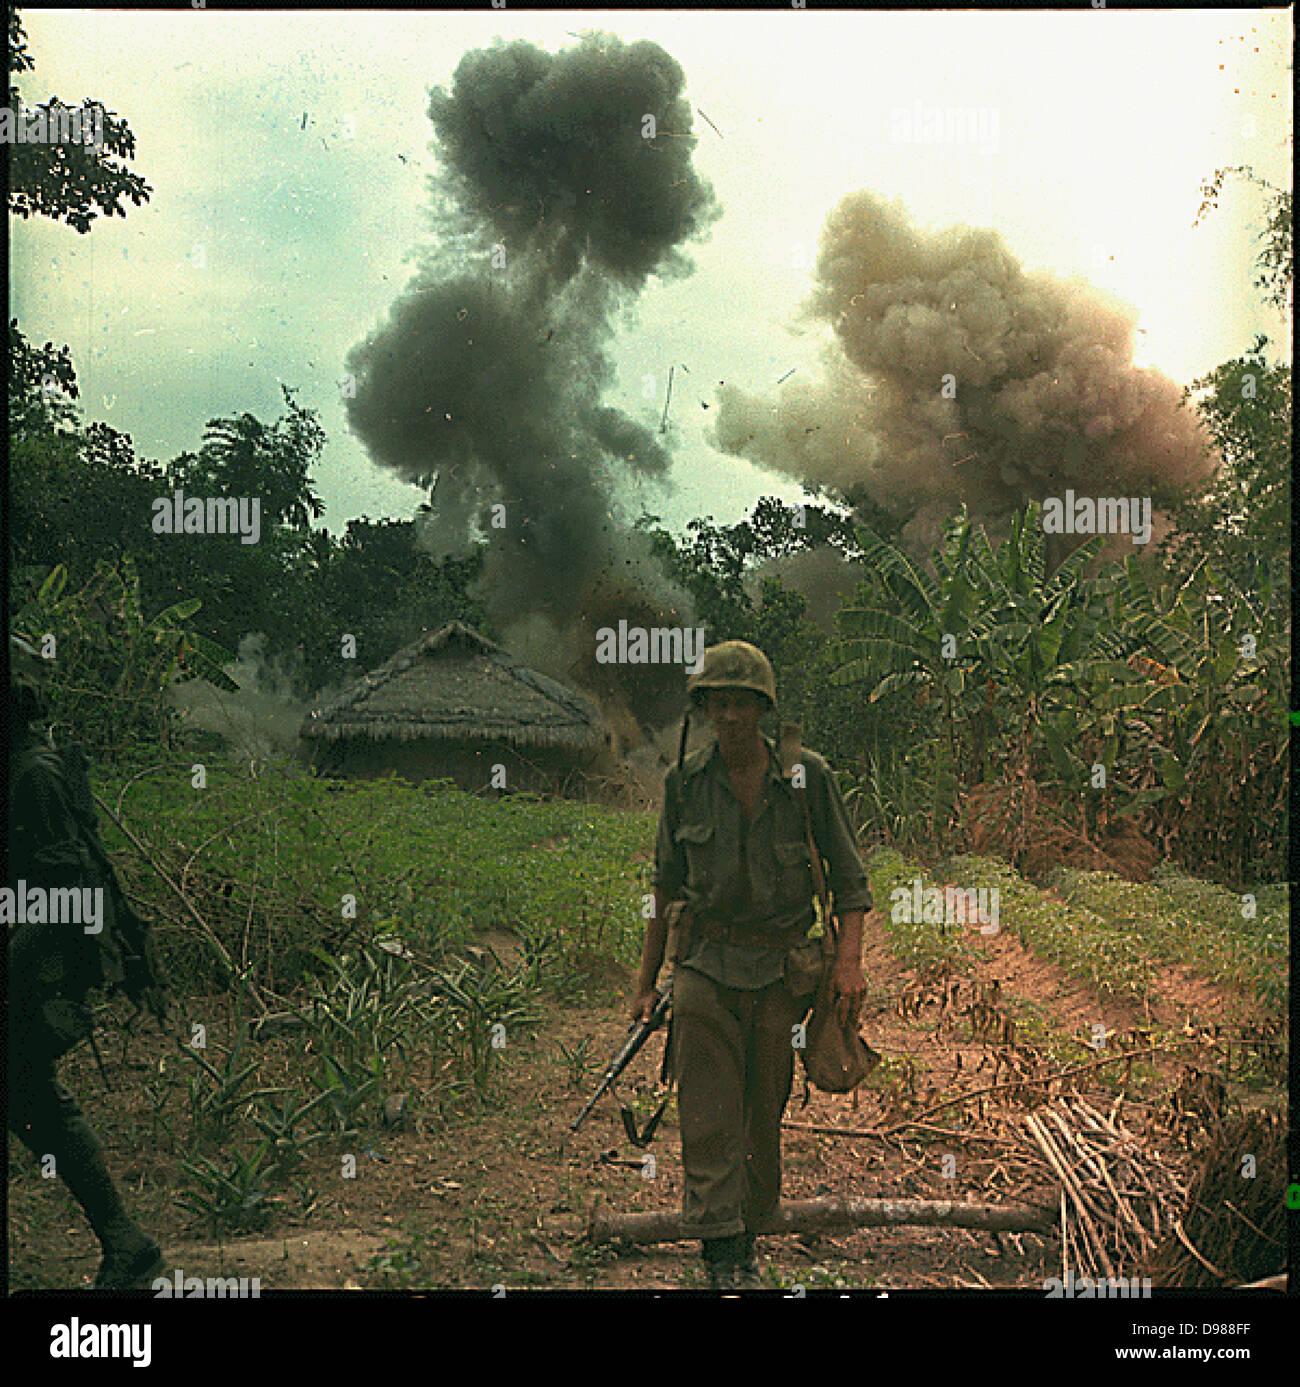 Betrieb-Georgien: US-Marines sprengen, Bunker und Tunnel von den Vietcong, 5. Mai 1966 verwendet. NARA-Foto. Stockbild